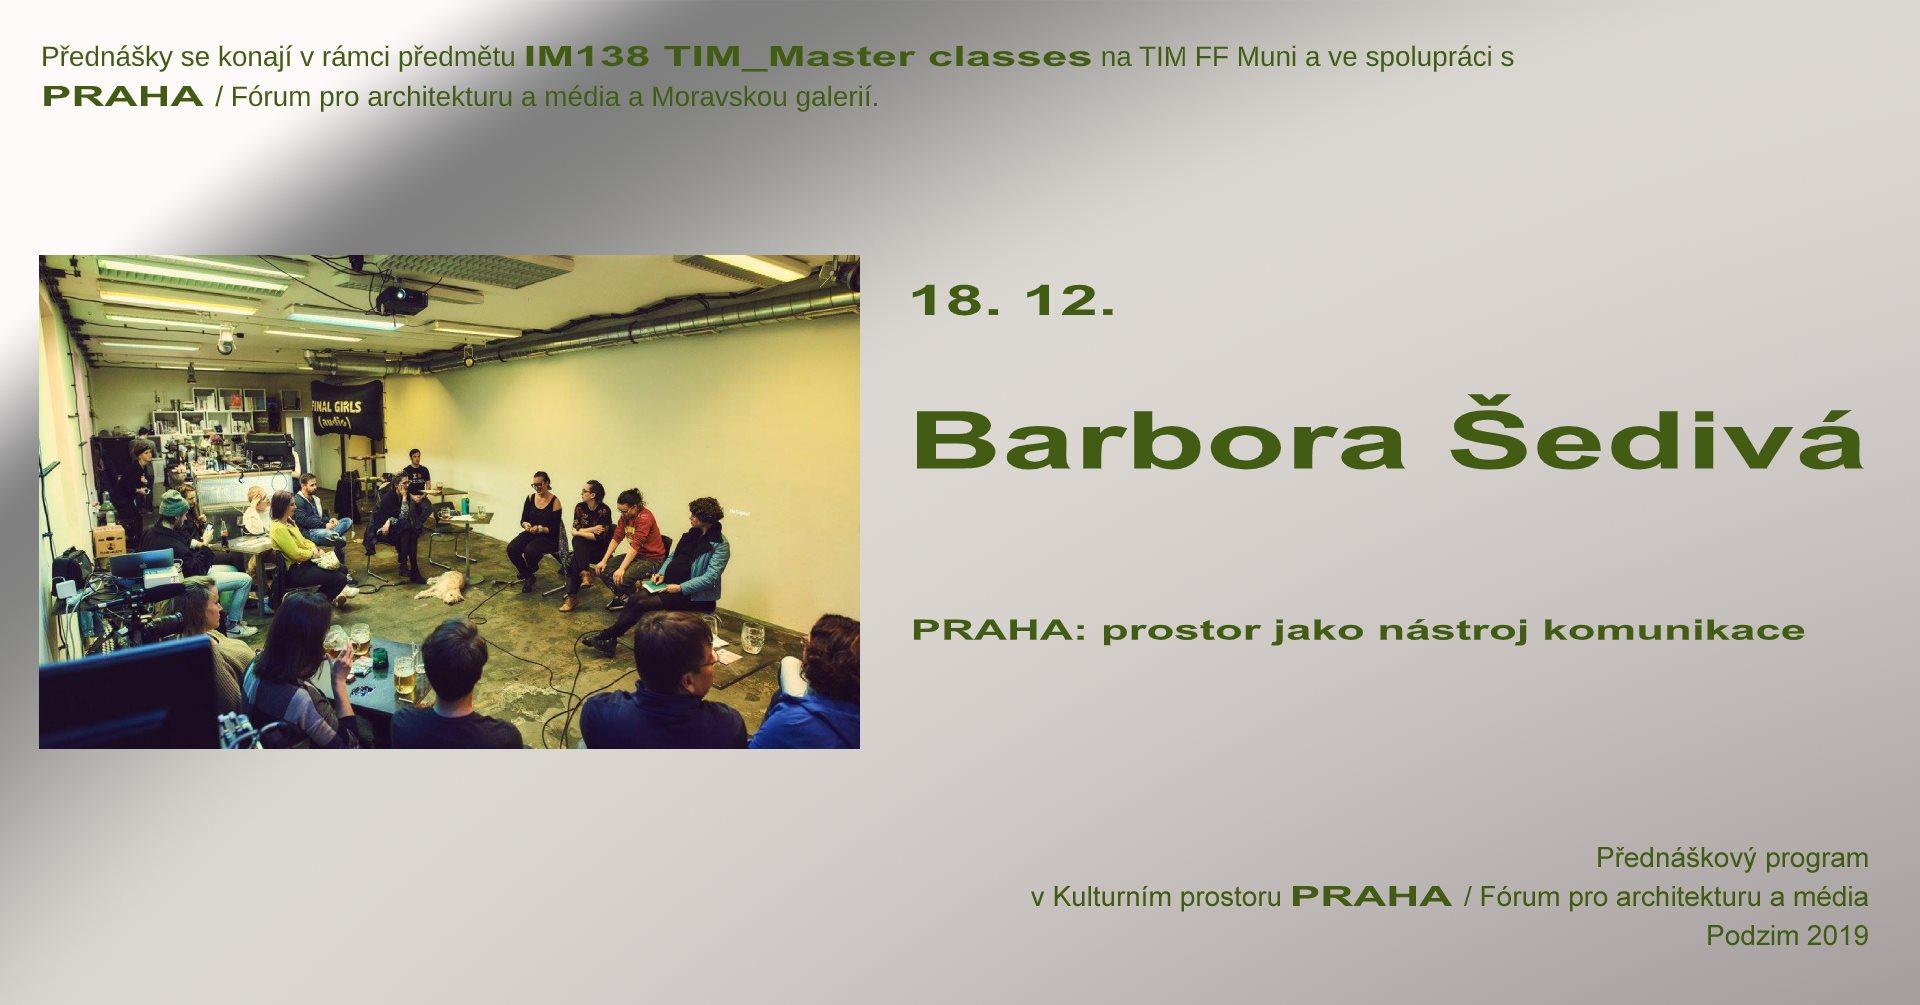 ST / 18.12. / 19.00 / TIM Master class: Barbora Šedivá / přednáška, diskuse